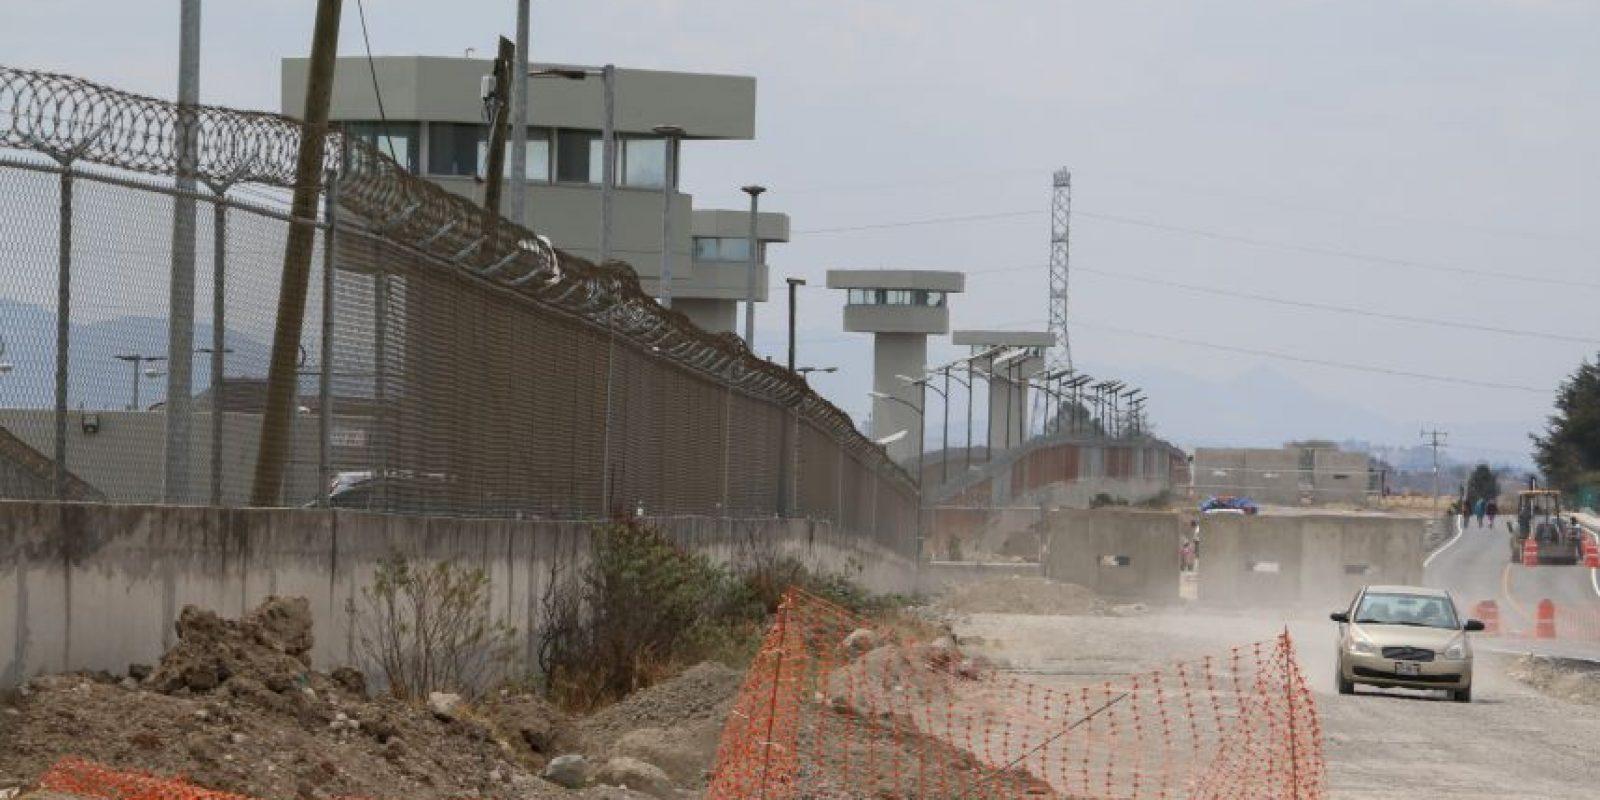 Imagen del exterior de la prisión del Altiplano, en Almoloya de Juárez, en el Estado de México Foto:Cuartoscuro/Archivo